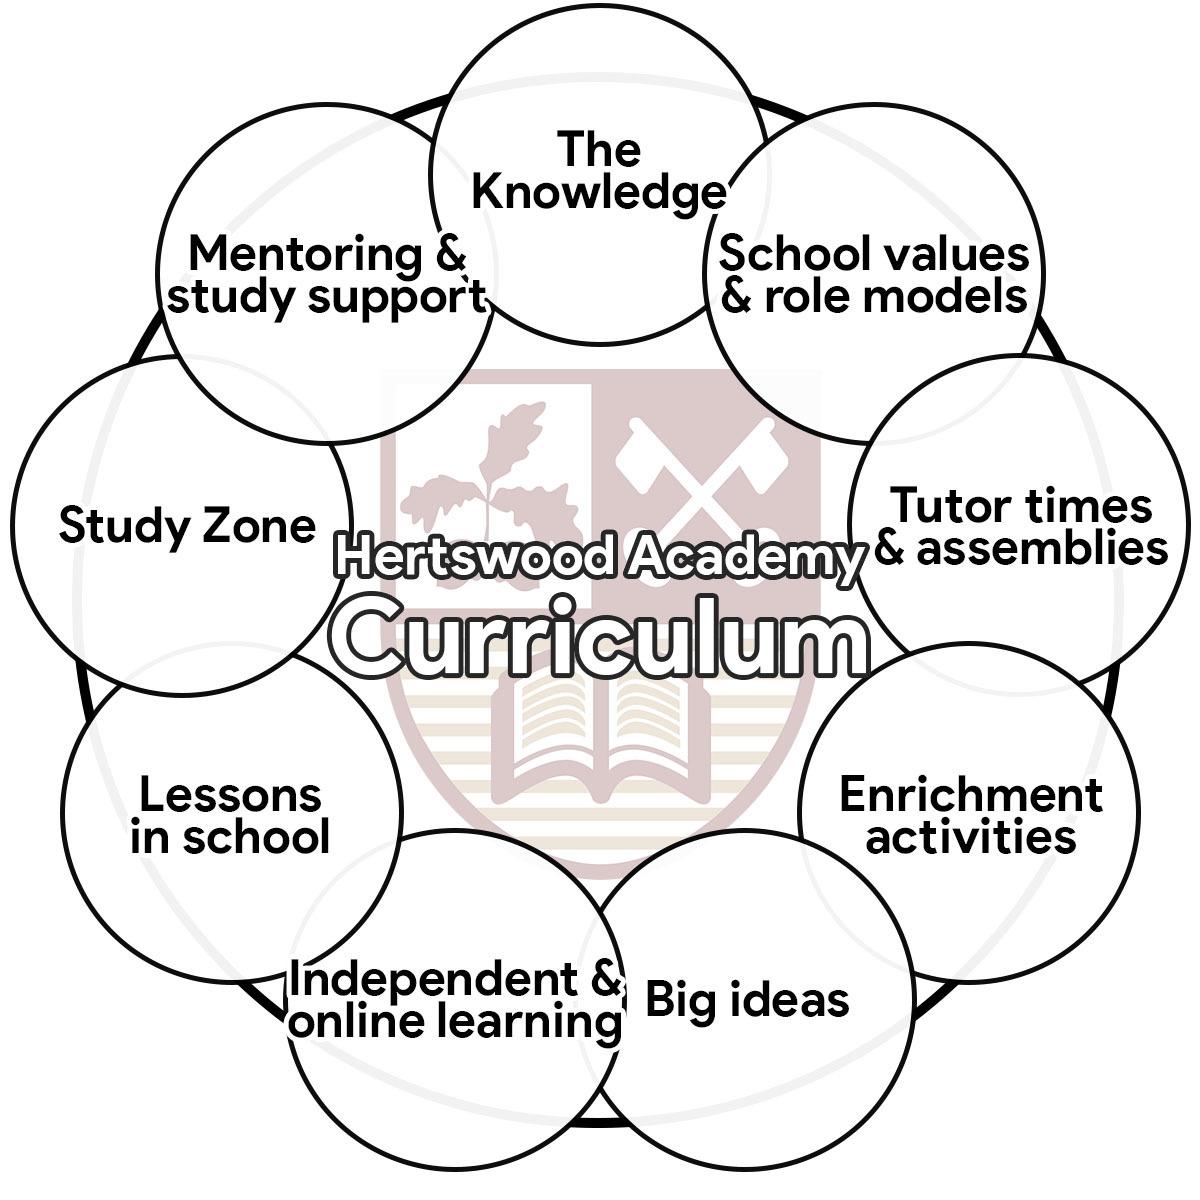 Curriculum Circle